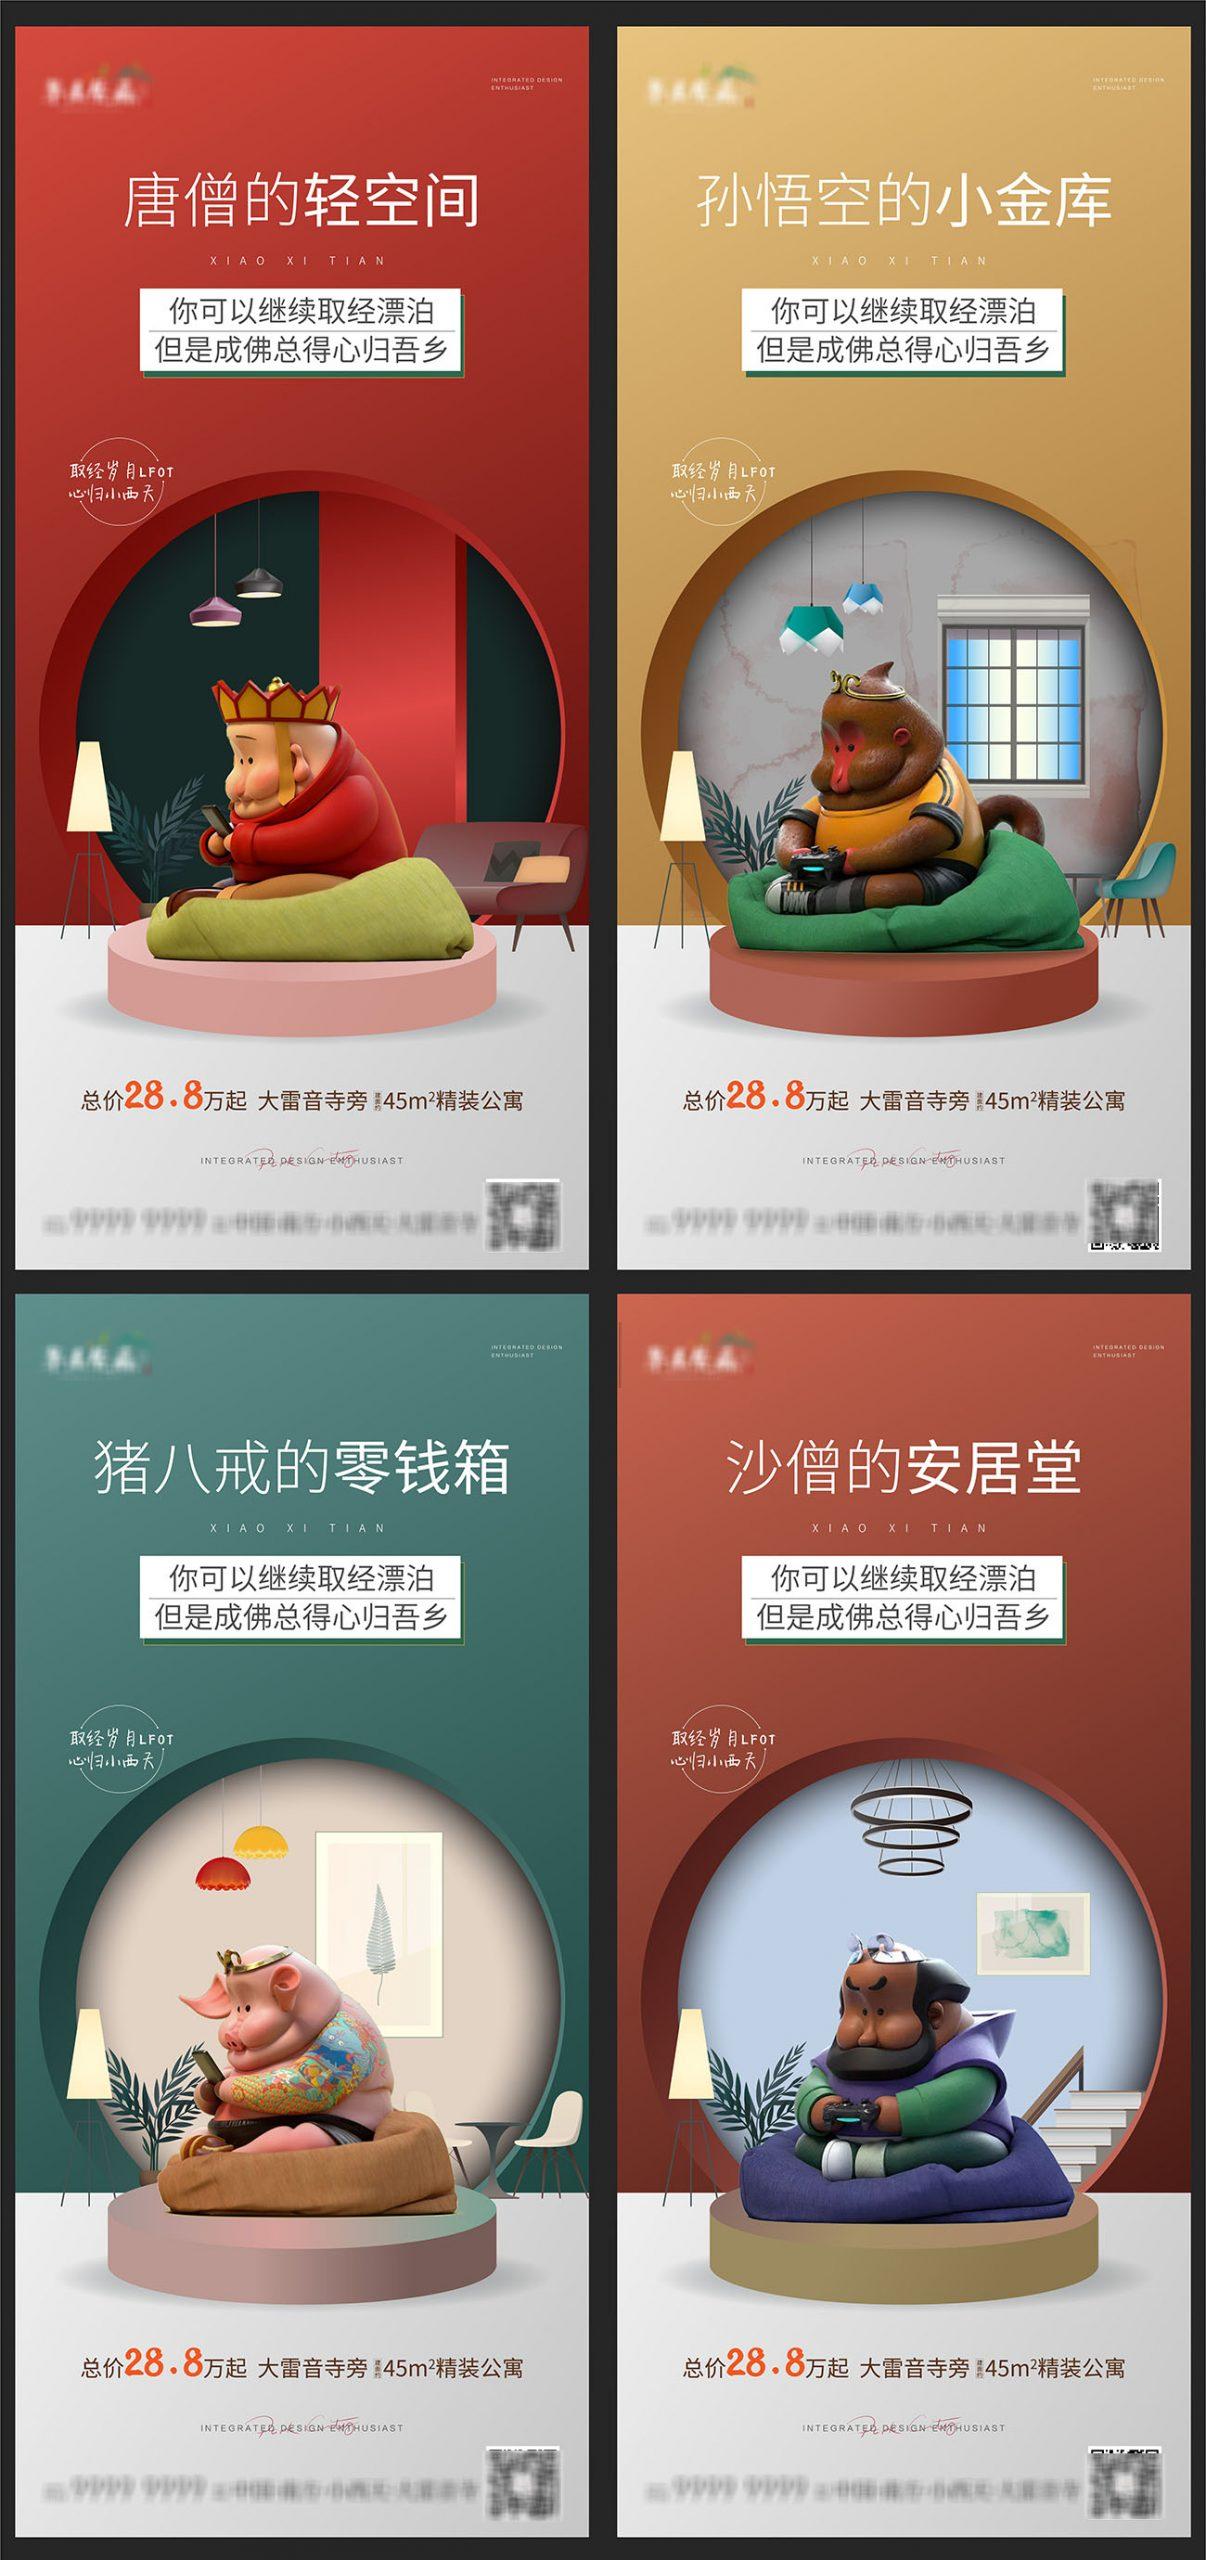 地产公寓西游记创意系列海报AI源文件插图